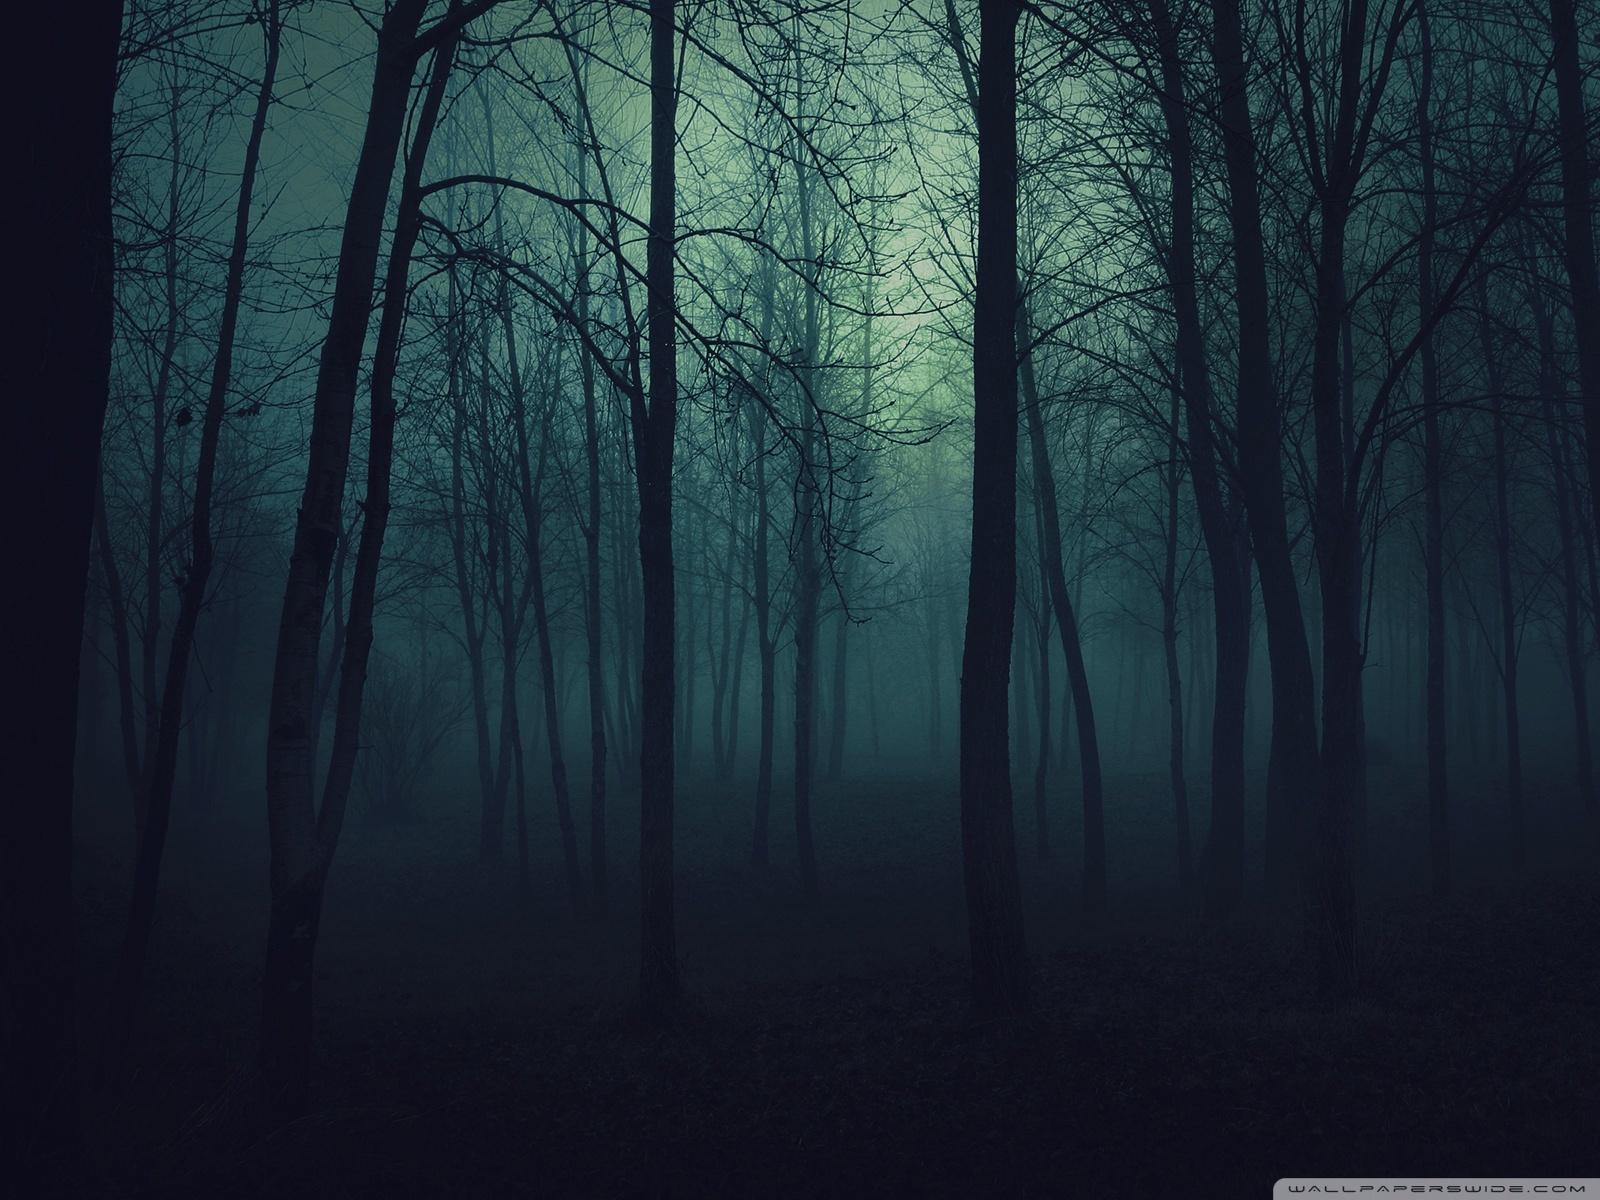 20878 скачать обои Пейзаж, Деревья, Ночь - заставки и картинки бесплатно